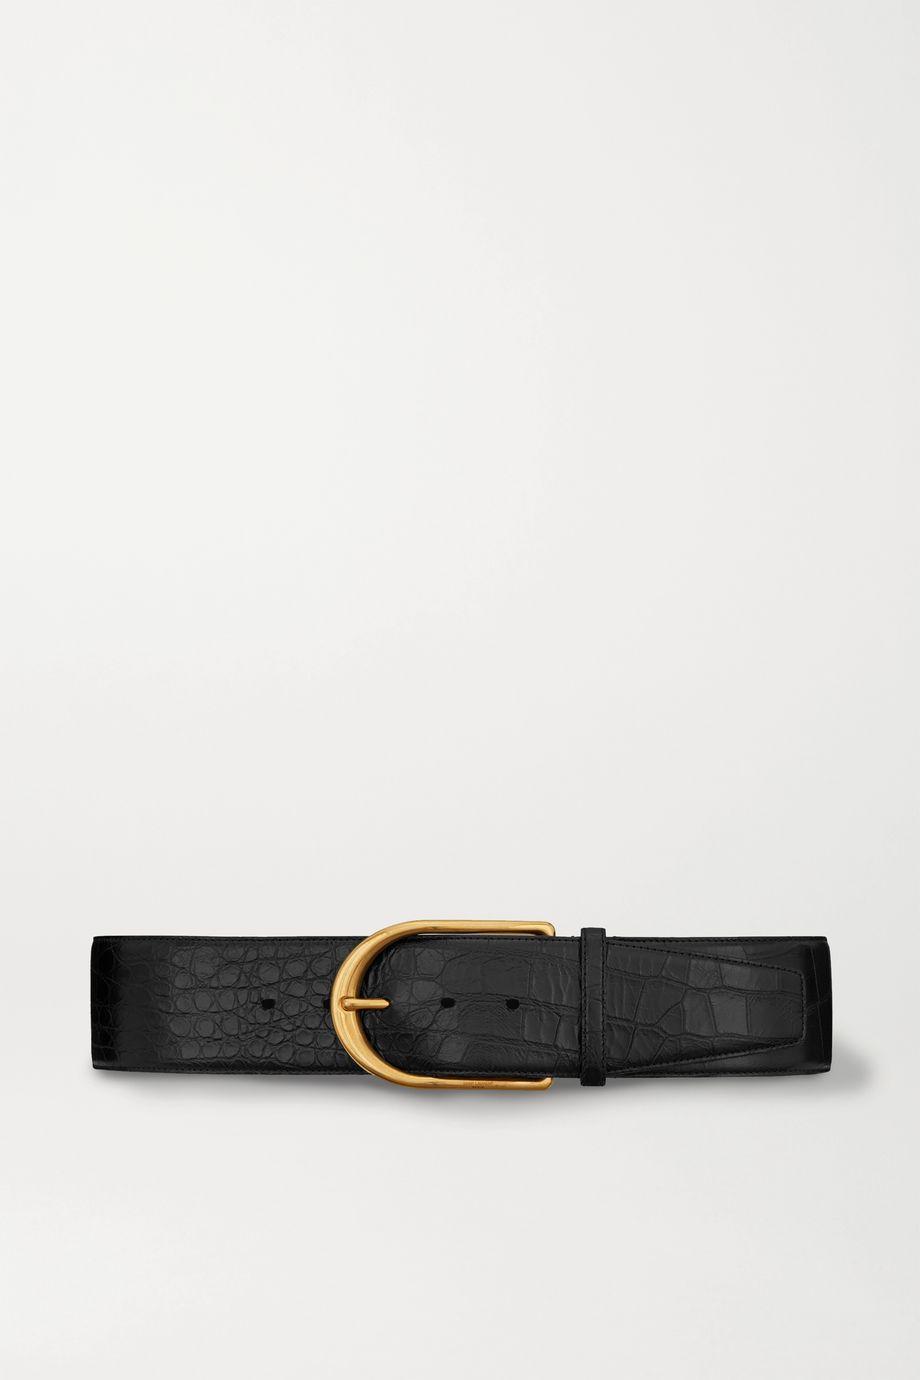 SAINT LAURENT Croc-effect leather belt